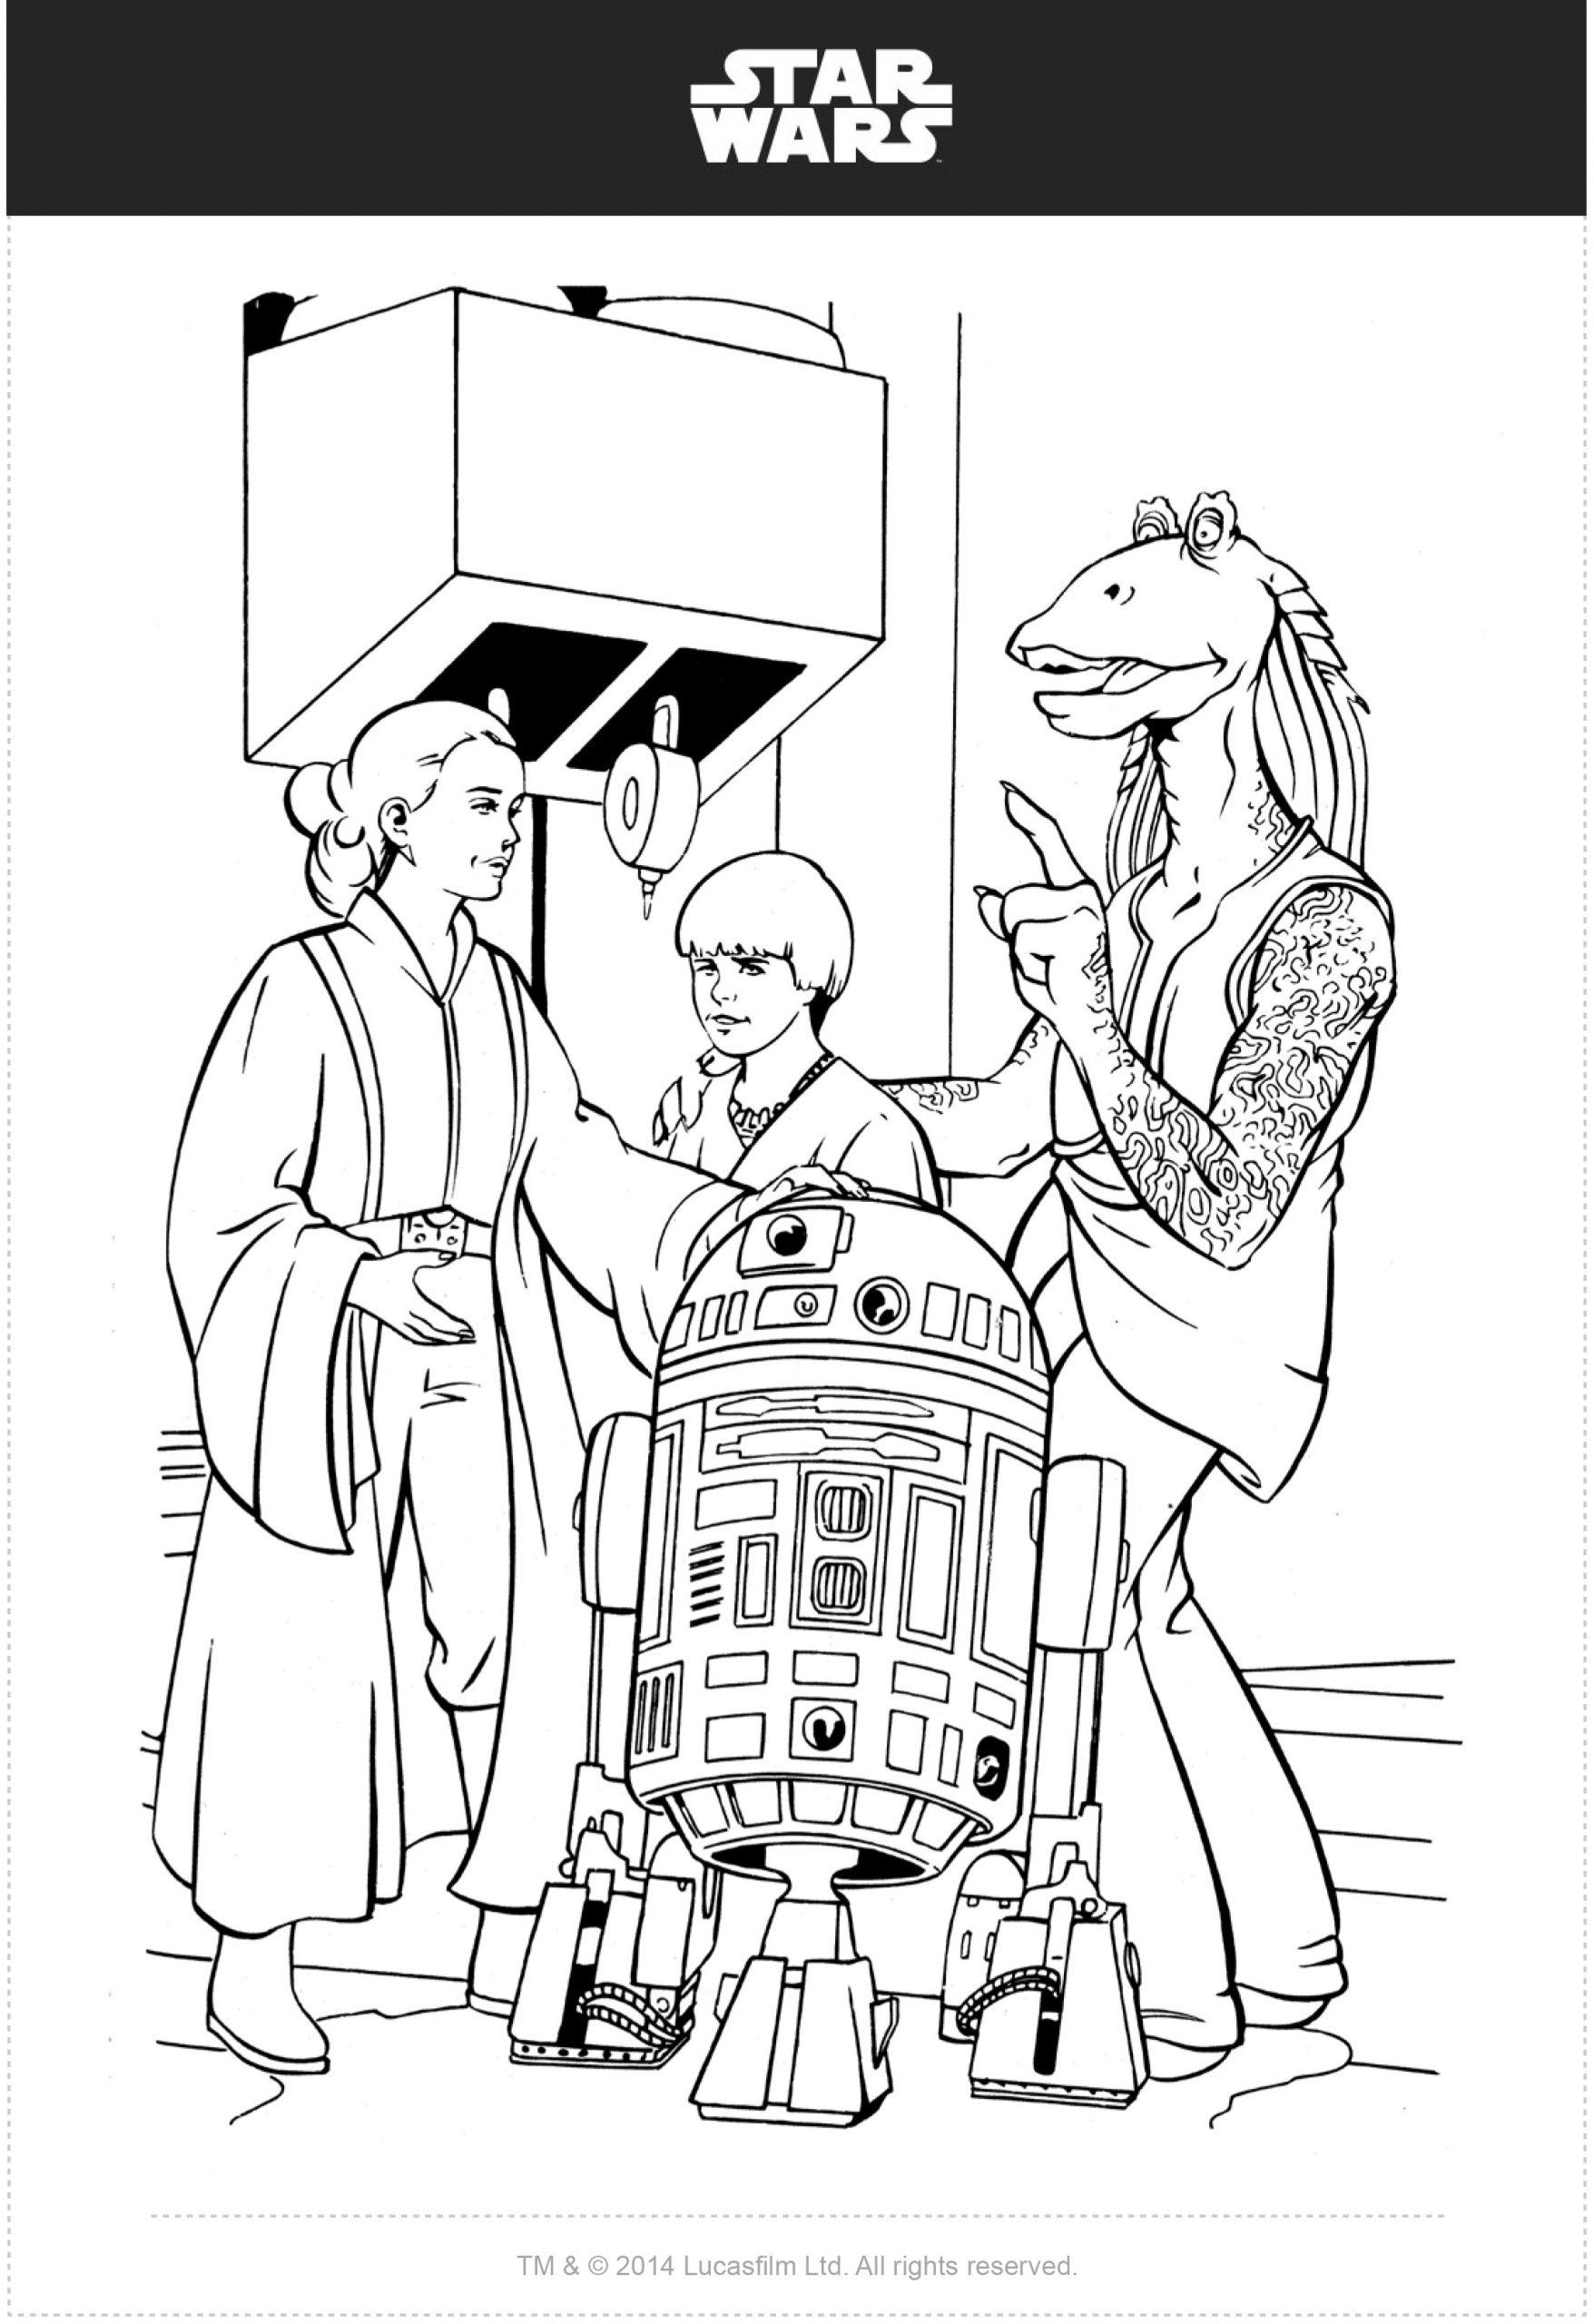 Star Wars Ausmalbilder - Kostenlose Malvorlagen - Mytoys Blog in Star Wars Bilder Zum Ausdrucken Kostenlos